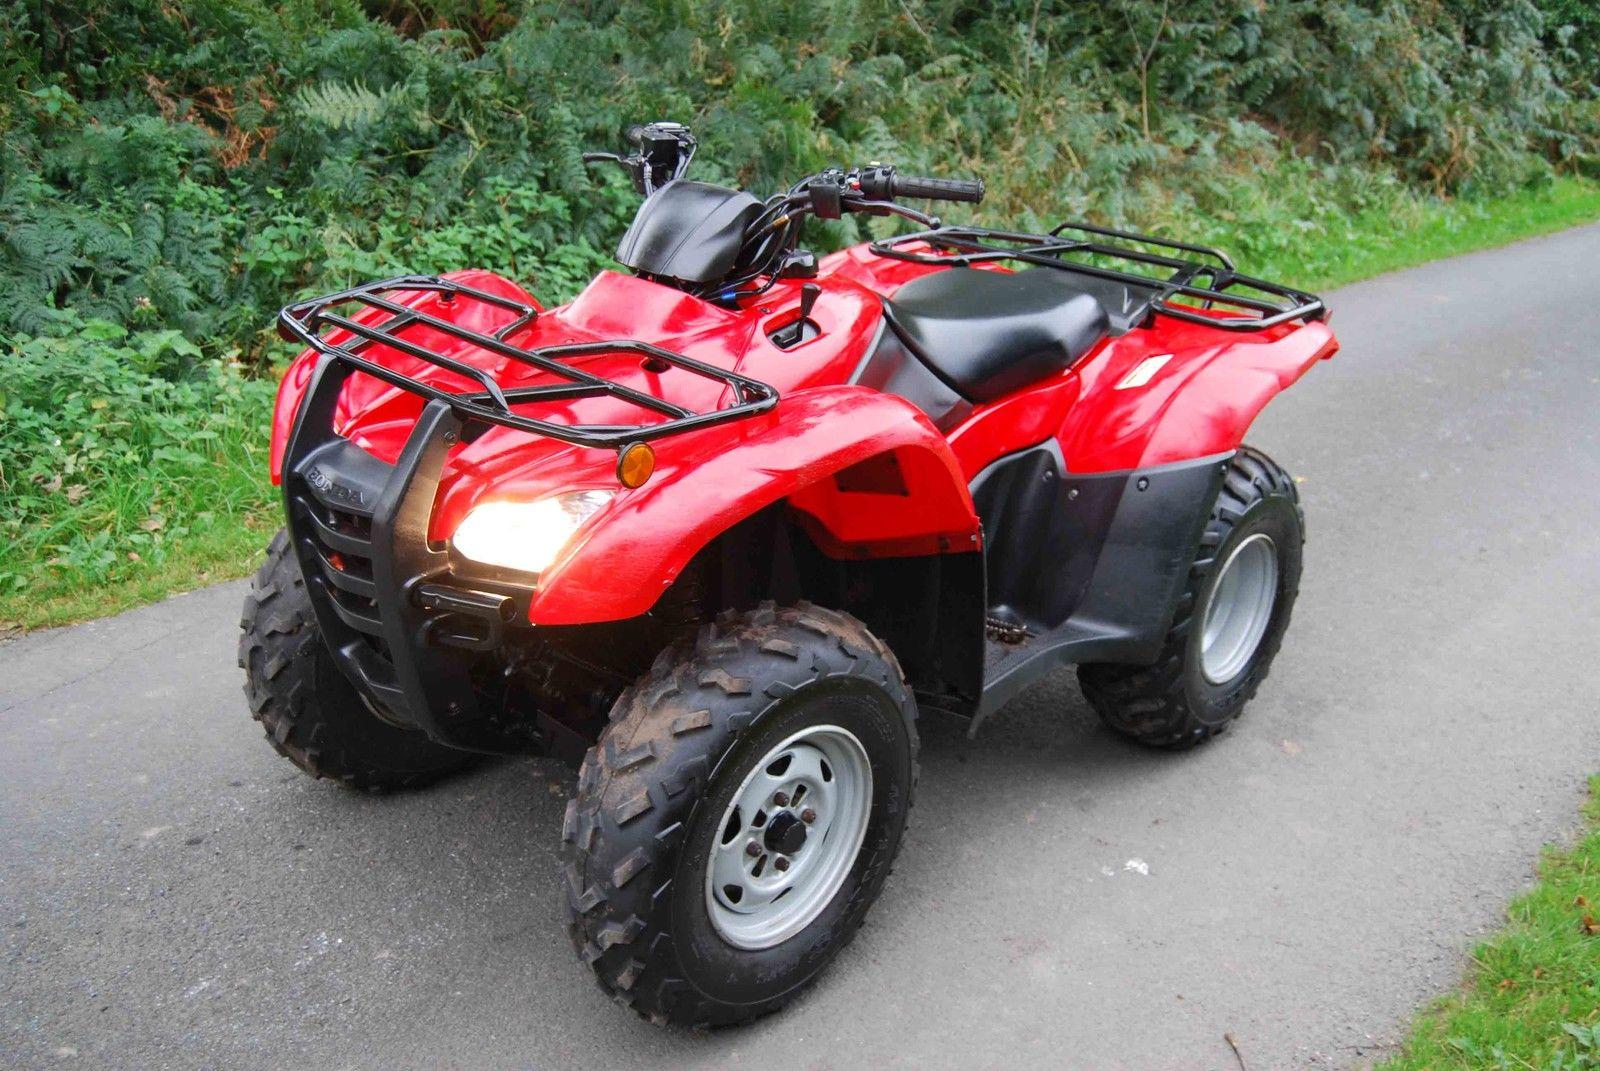 Honda Trx420 Fm 4x4 Farm Quad